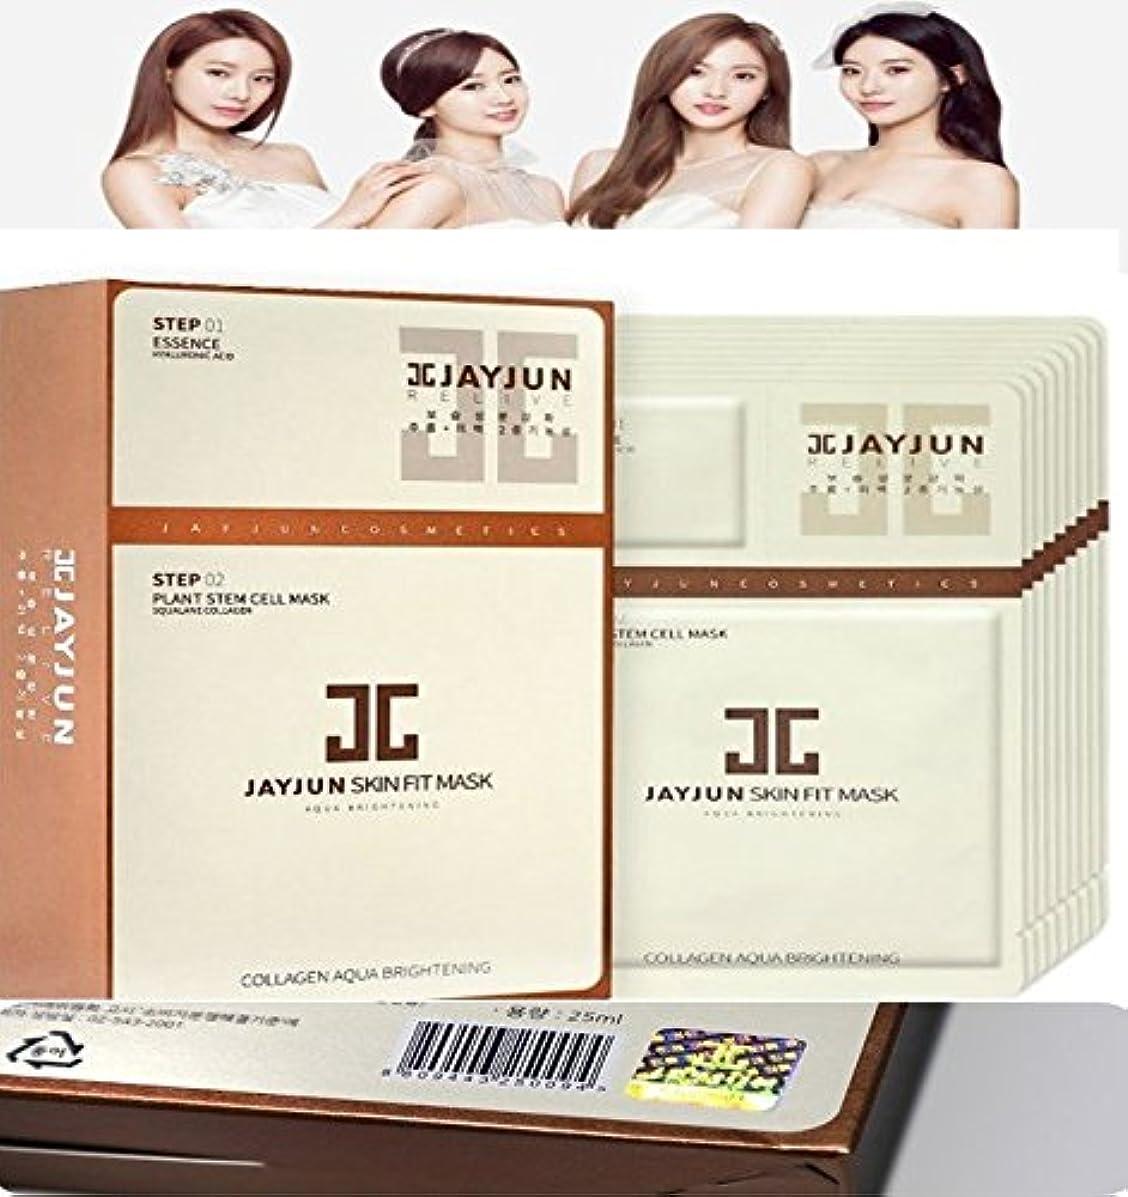 ブラザー講義マージJAYJUN スキンフィットアクア ブライトニング マスク(10枚入り/JayJun Skin Fit Collagen Aqua Brightening Mask Sheet 10Pcs/HG Sticker Certified [並行輸入品]